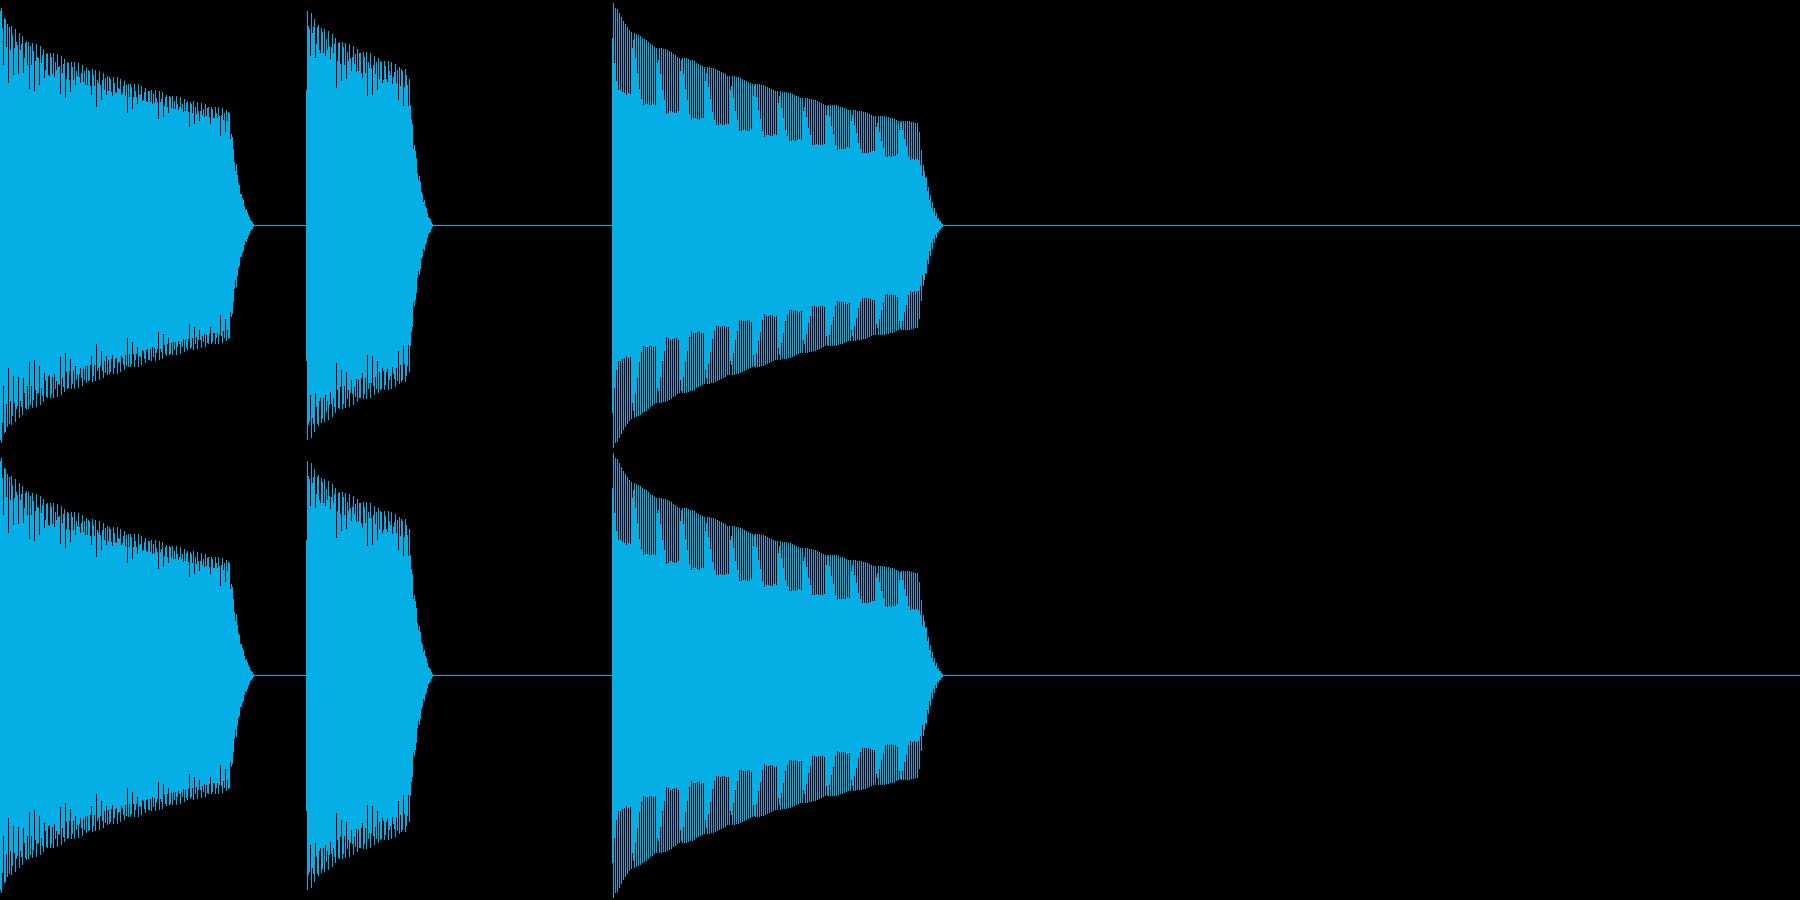 ATM 操作音 5の再生済みの波形